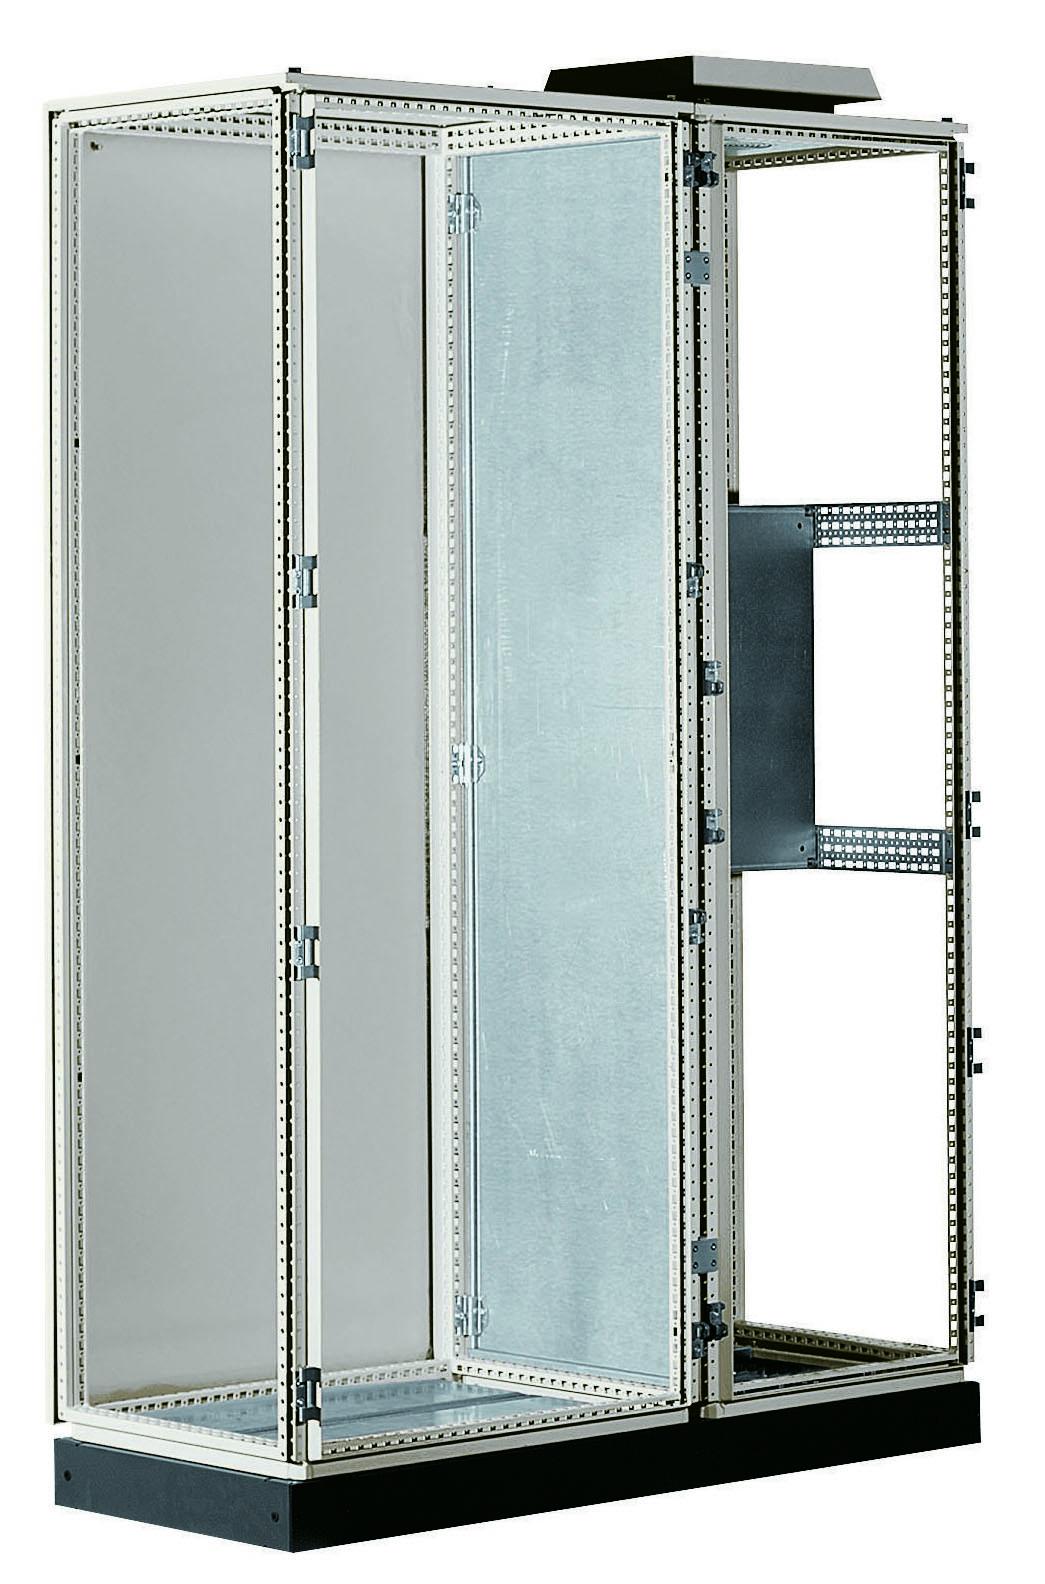 1 Stk Trennwand 2200x800mm ASTW2208--